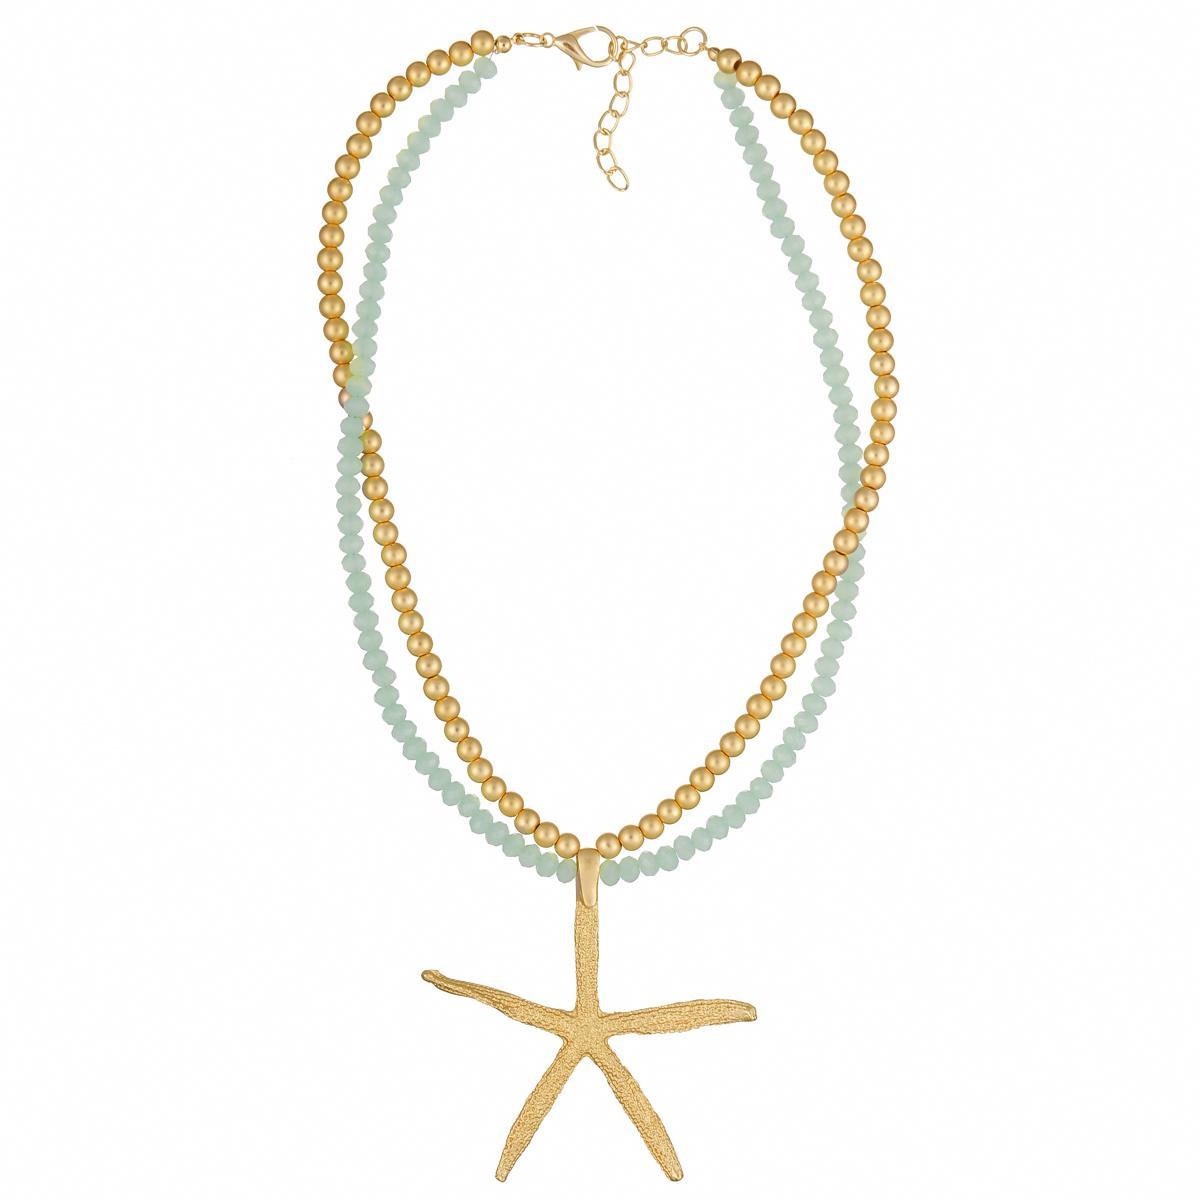 Ожерелье Модные истории, цвет: золотистый, мятный. 12/0969Ожерелье (короткие многоярусные бусы)Оригинальное ожерелье Модные истории выполнено в виде двух рядов бус. Ожерелье дополнено подвеской из металла в виде морской звезды. Изделие застегивается на замок-карабин с регулирующей длину цепочкой. Ожерелье модного дизайна поможет создать уникальный и запоминающийся образ, а также подчеркнет вашу индивидуальность.